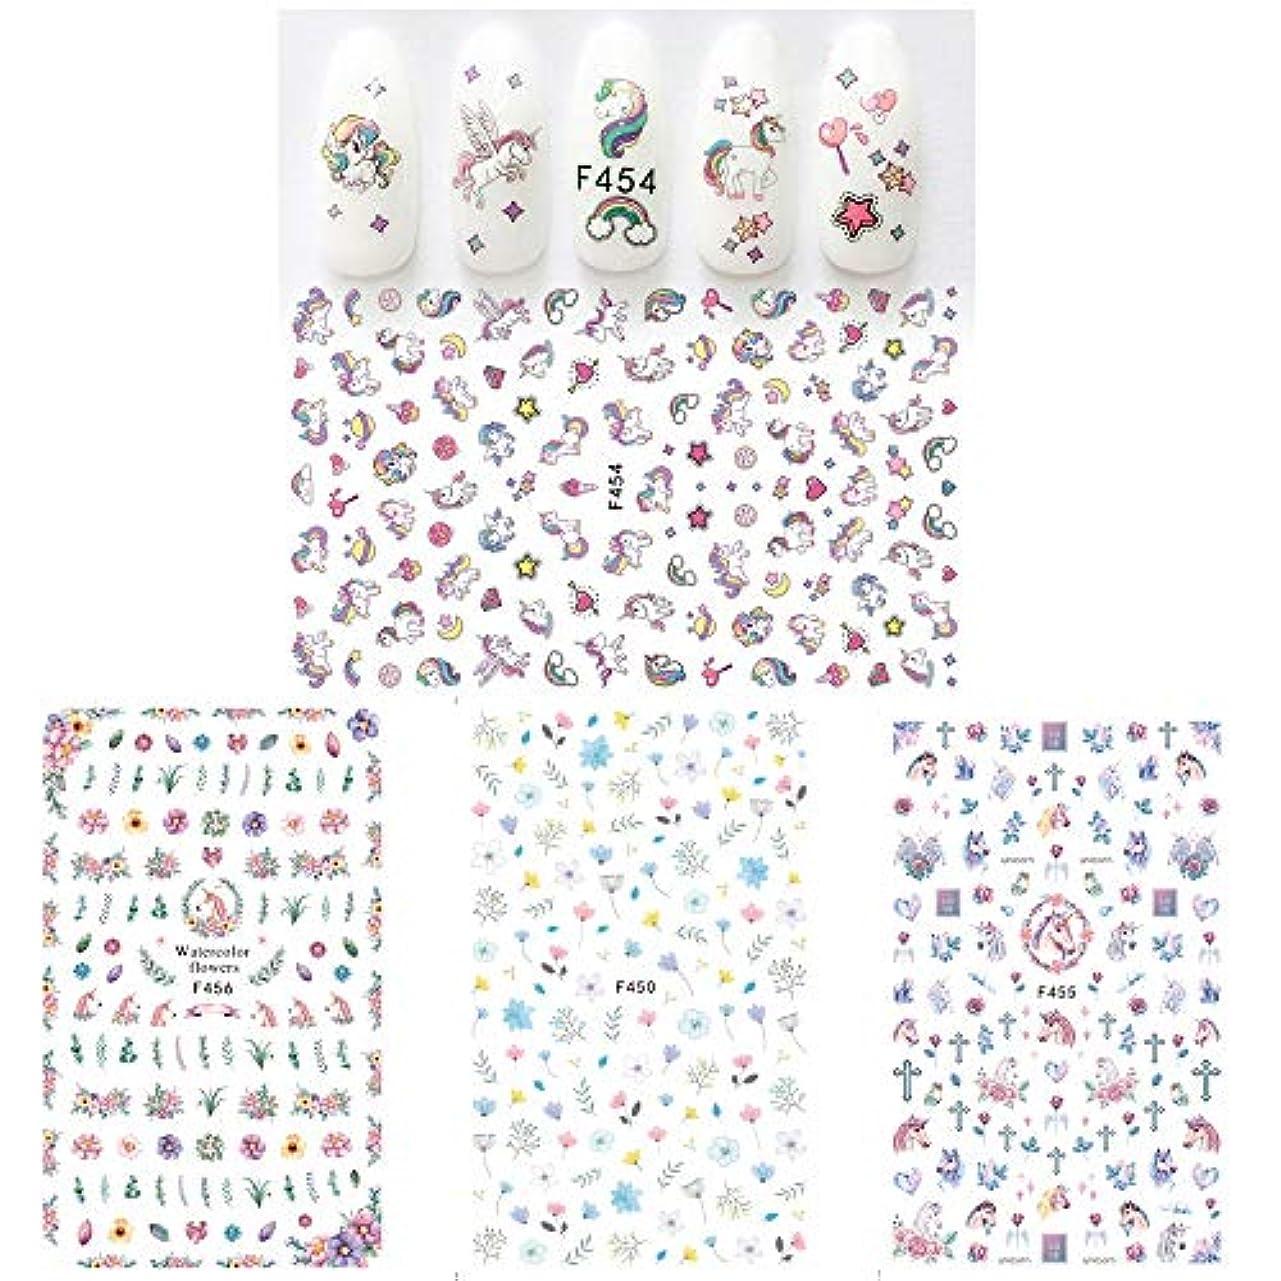 ランデブー姿を消すレタスKingsie ネイルシール ネイルステッカー 4枚セット かわいい ユニコーン 花 貼るだけ マニキュア ネイルアート デコレーション 子供